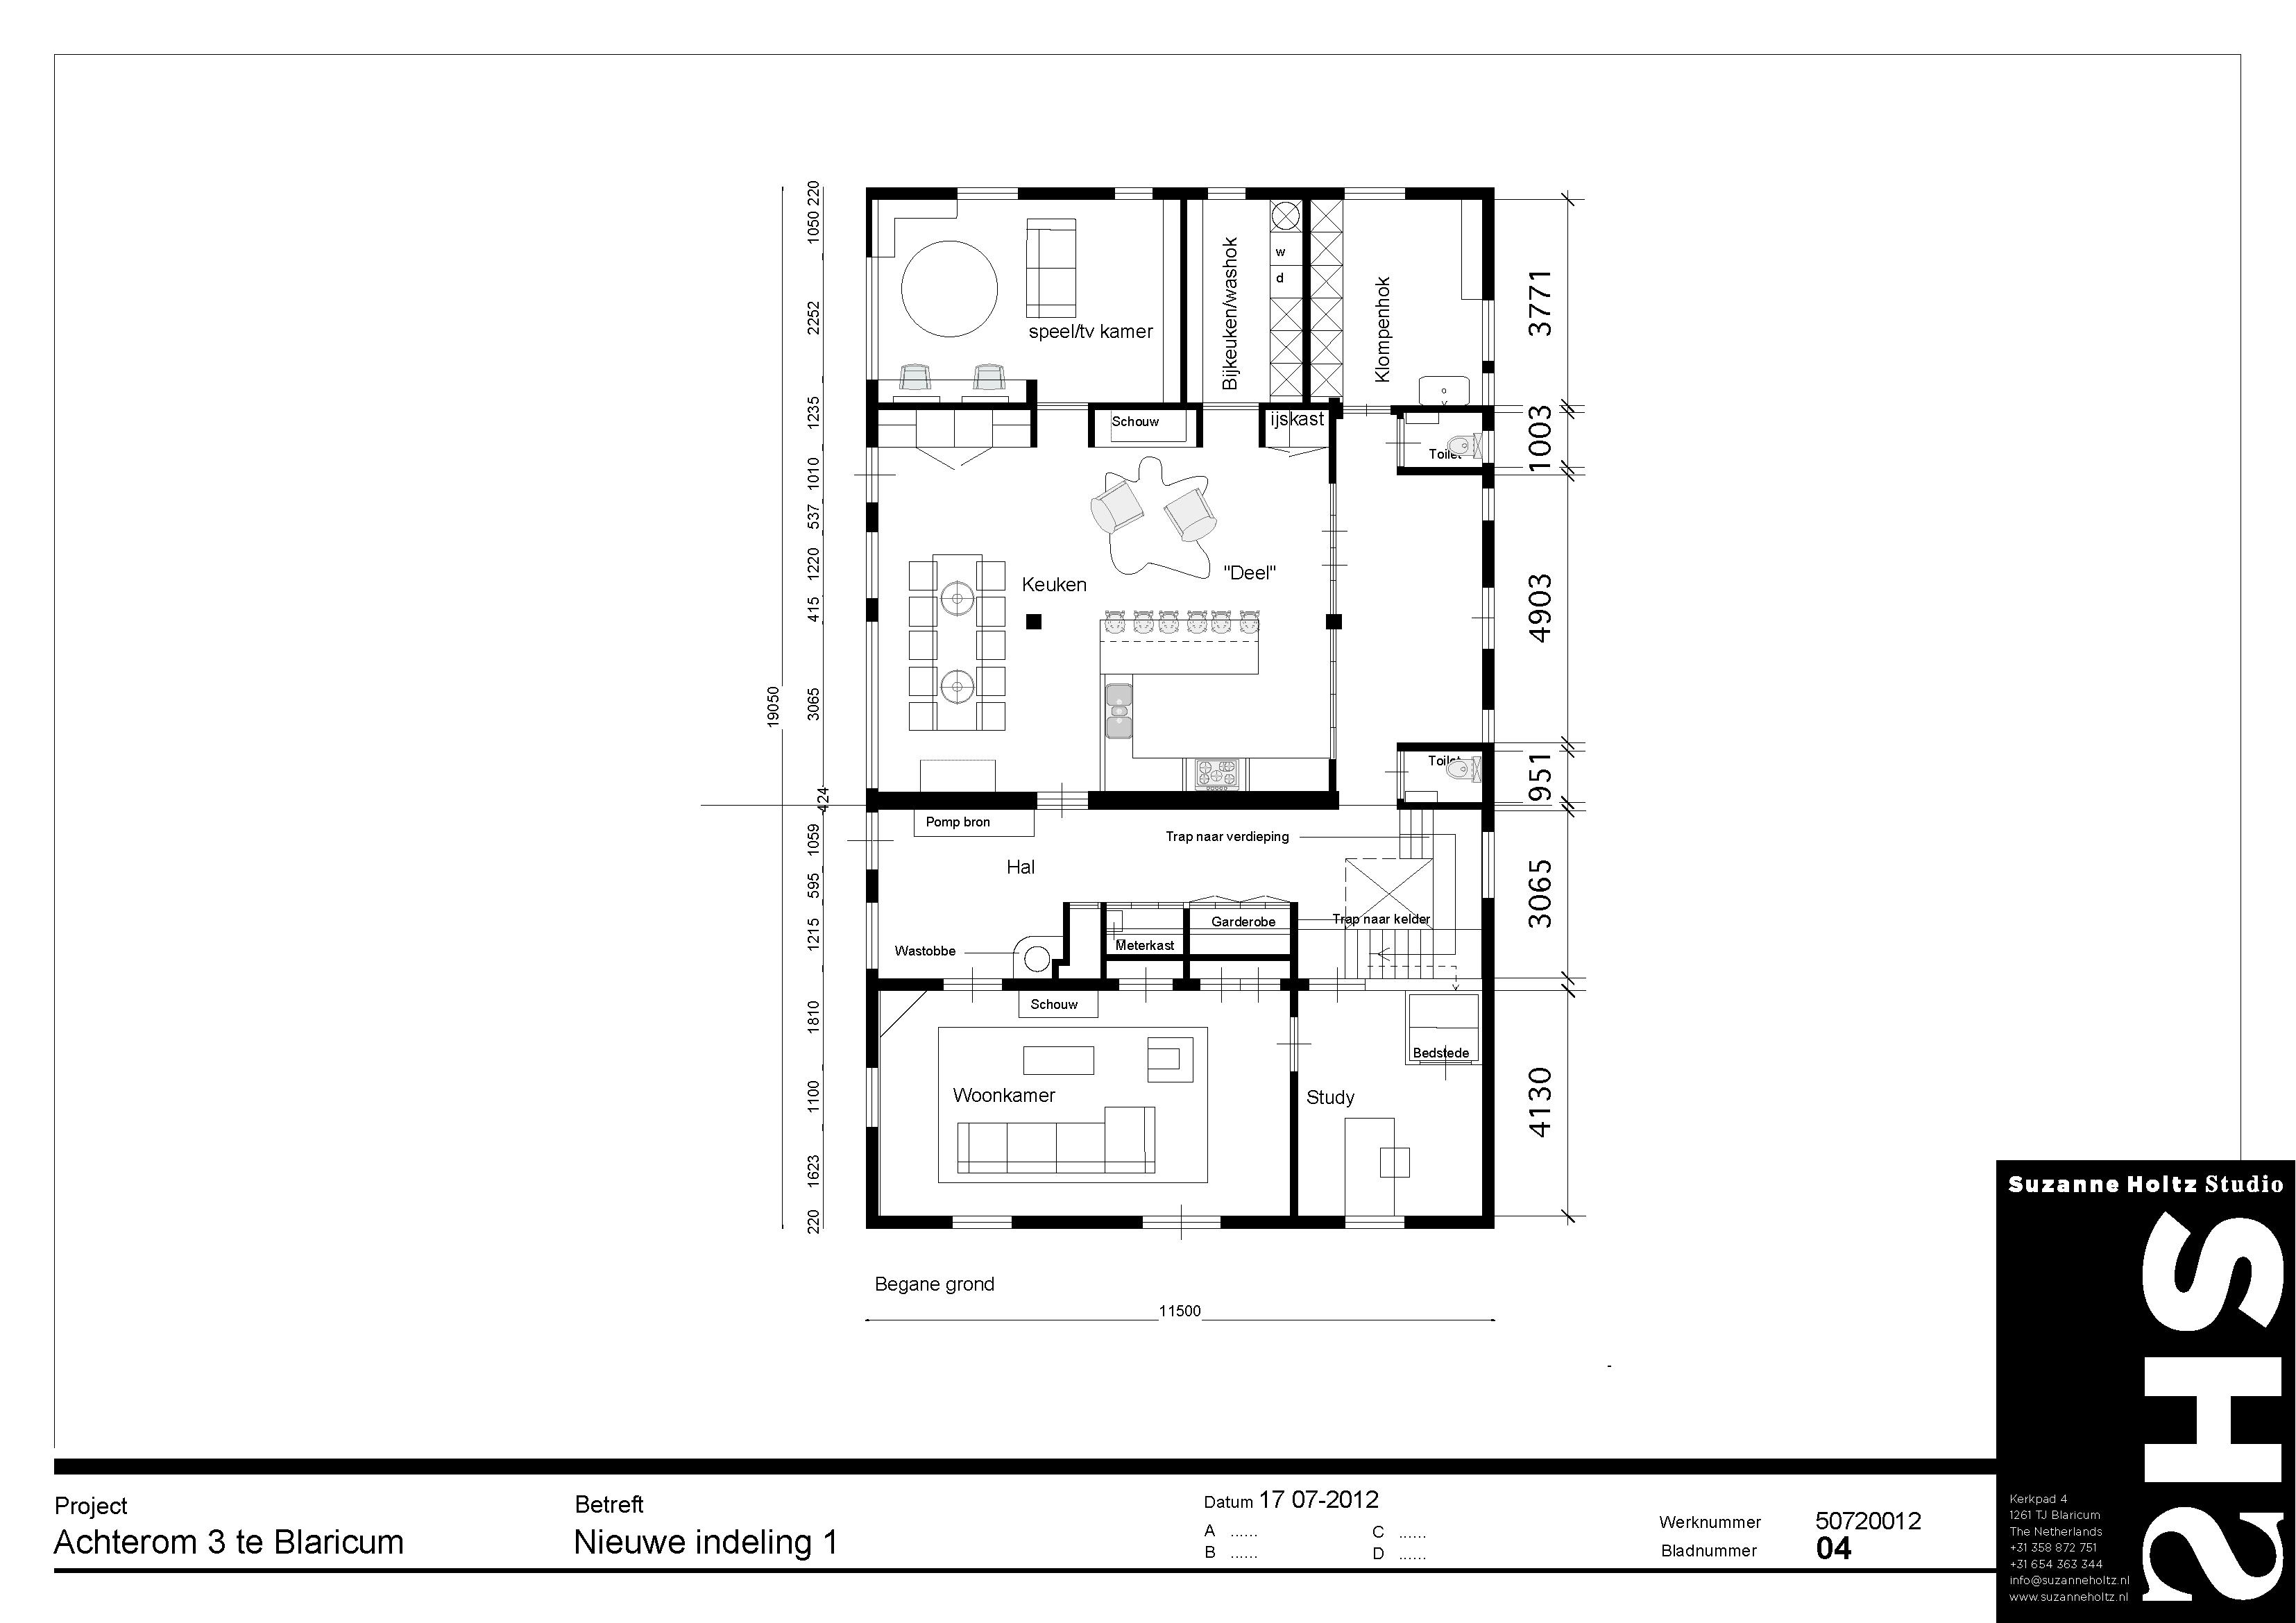 17072012 nieuwe indeling optie 1 presentatie page 2 - Studio indeling ...